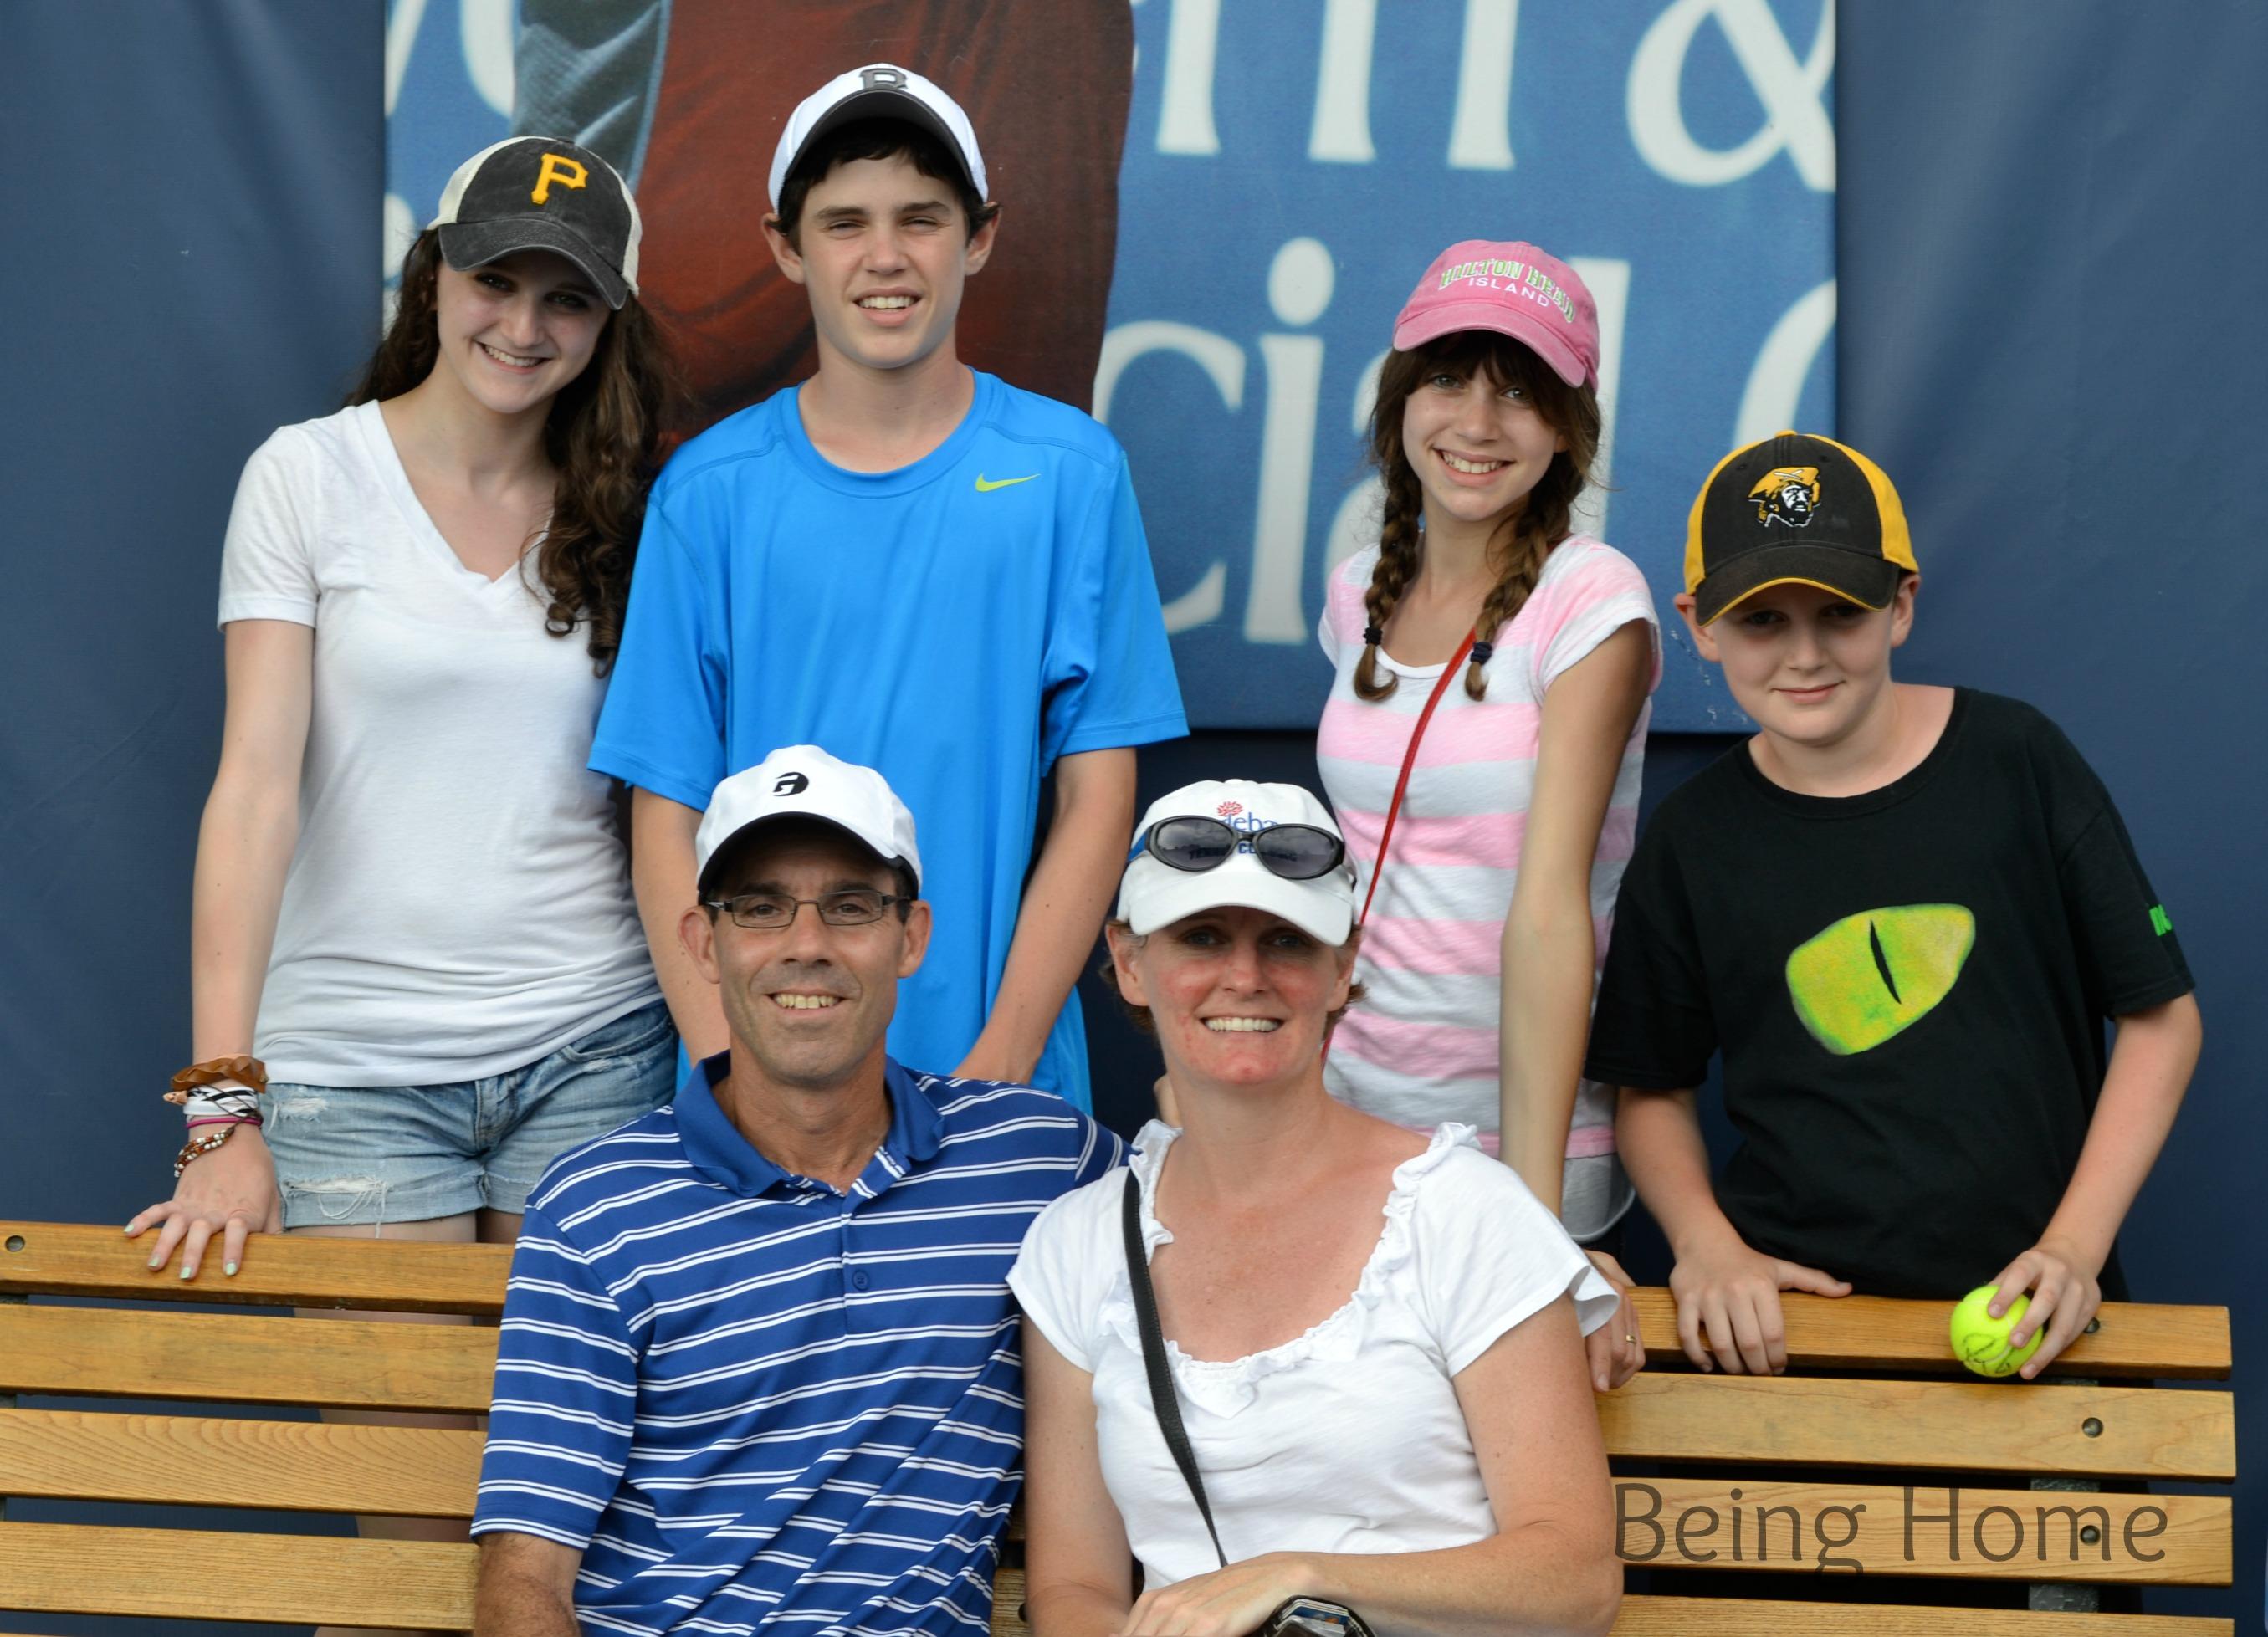 Cincy Tennis Family